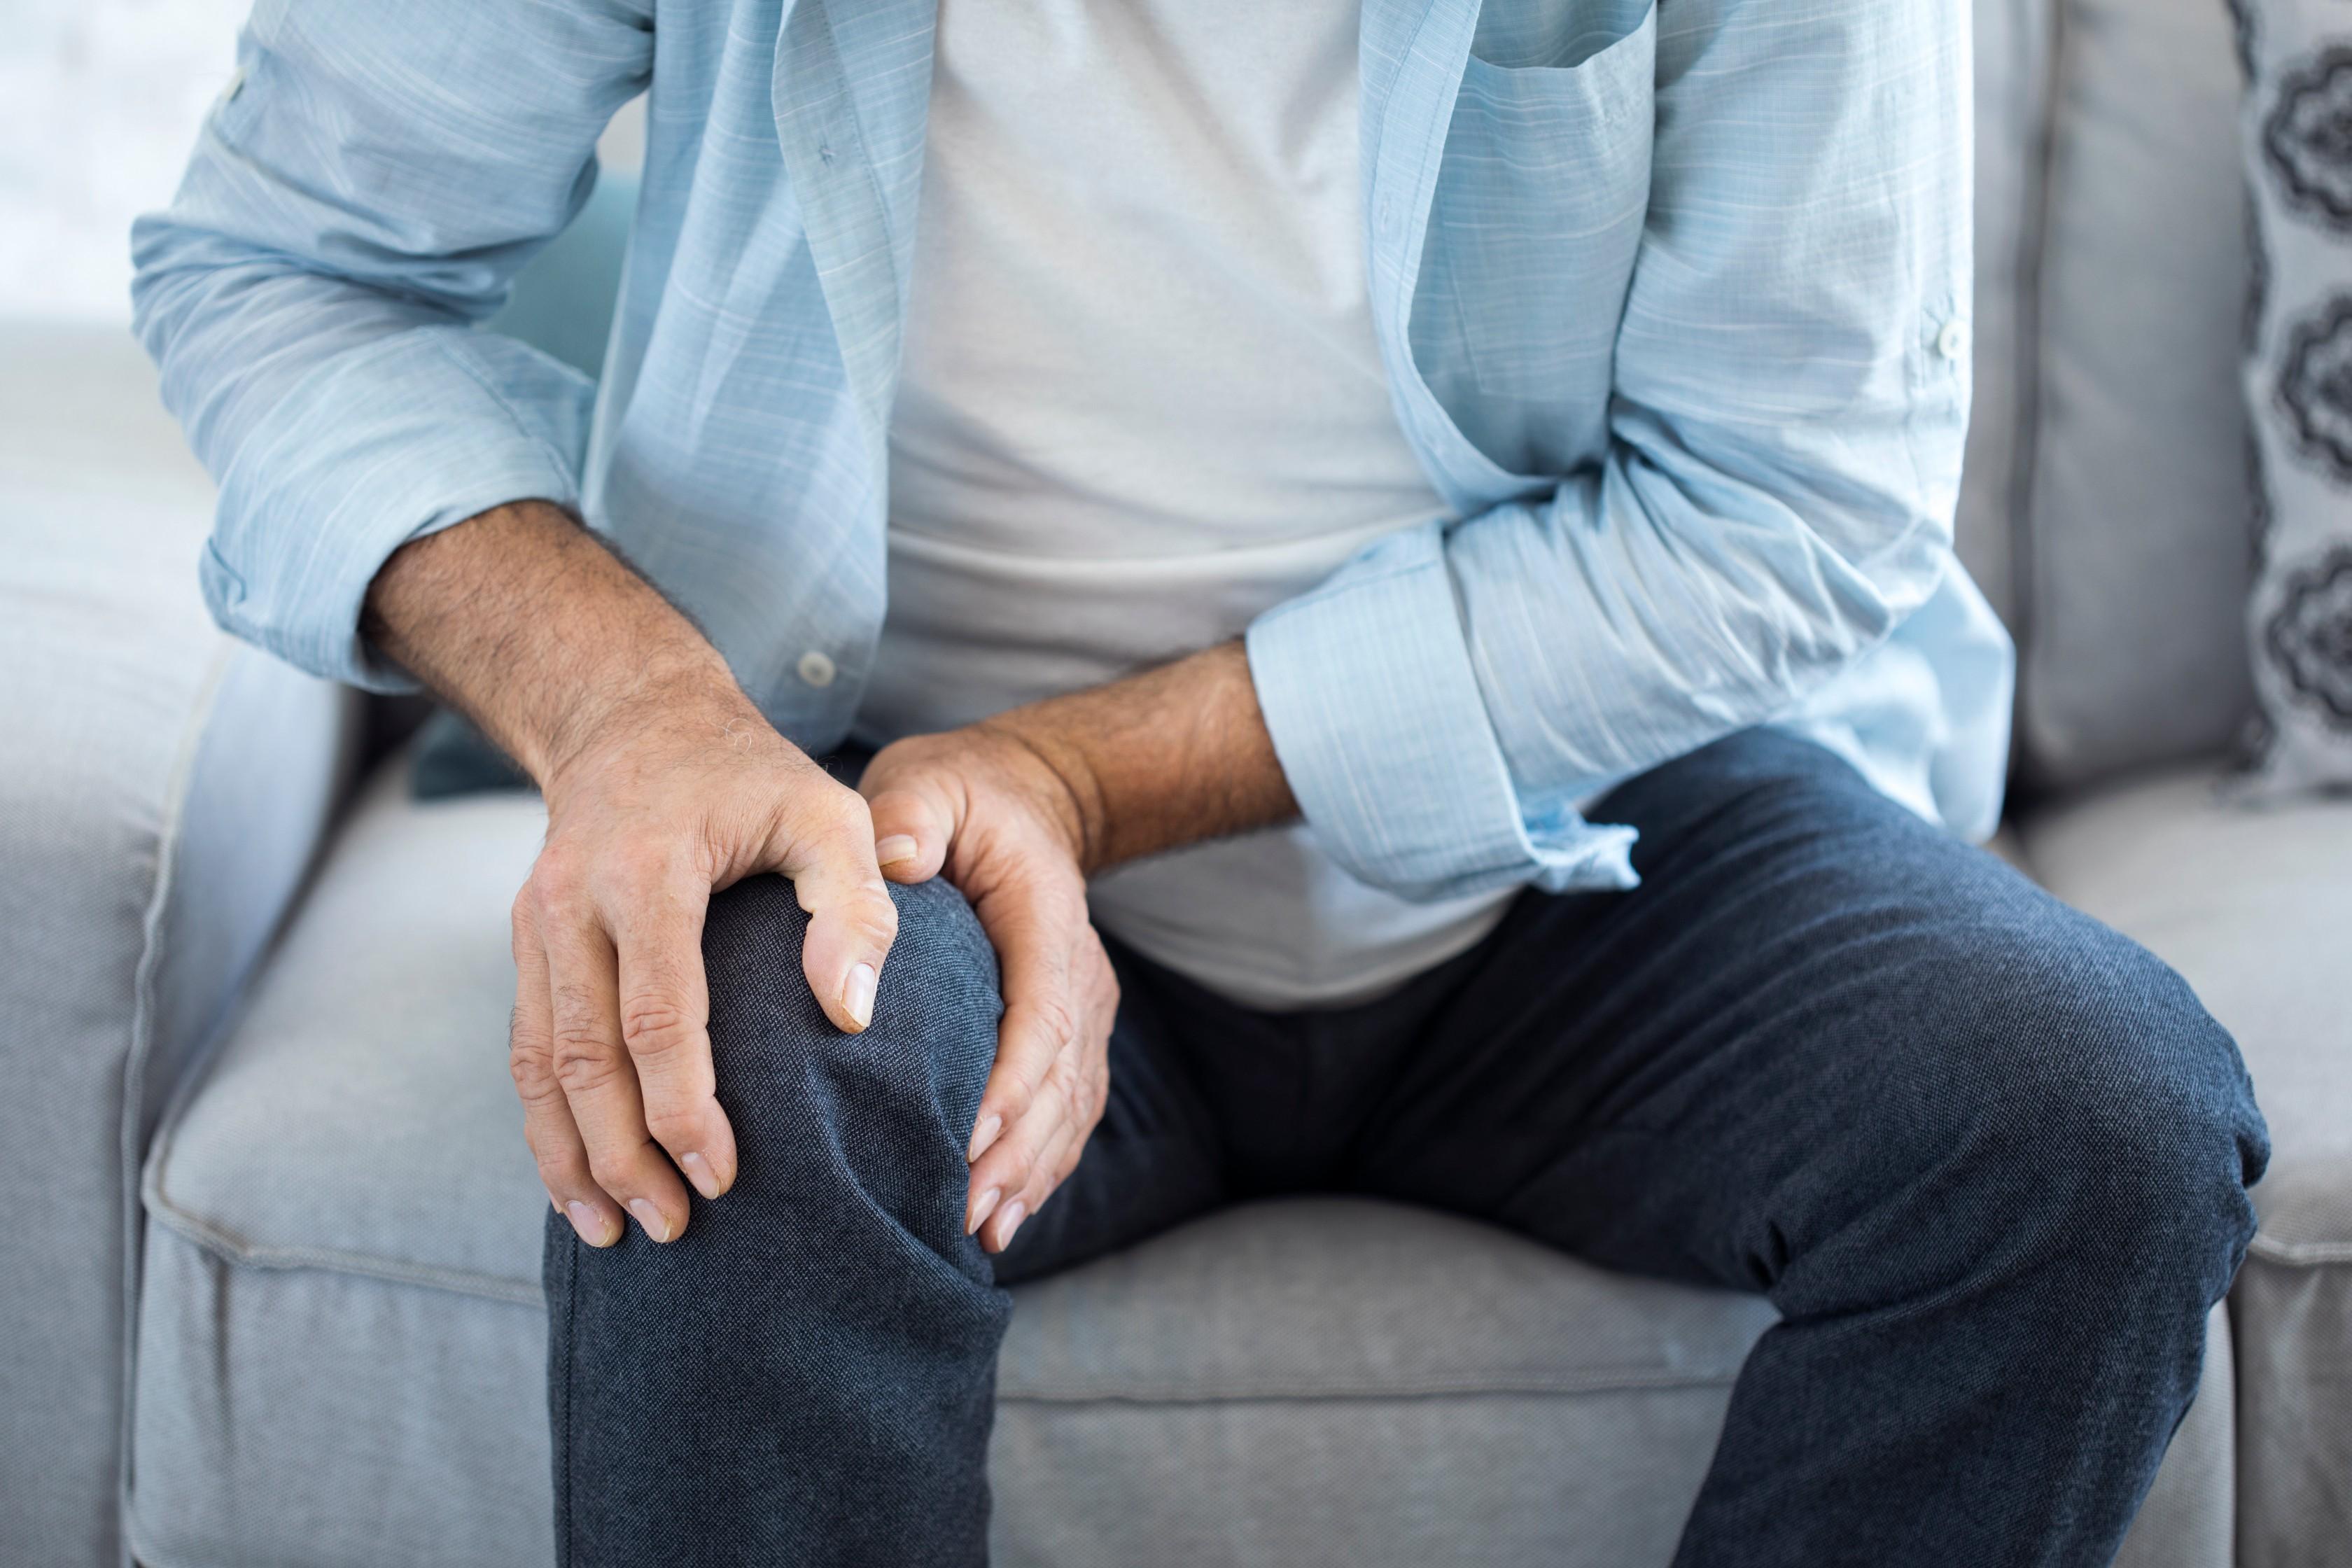 térdrák és ízületi fájdalom